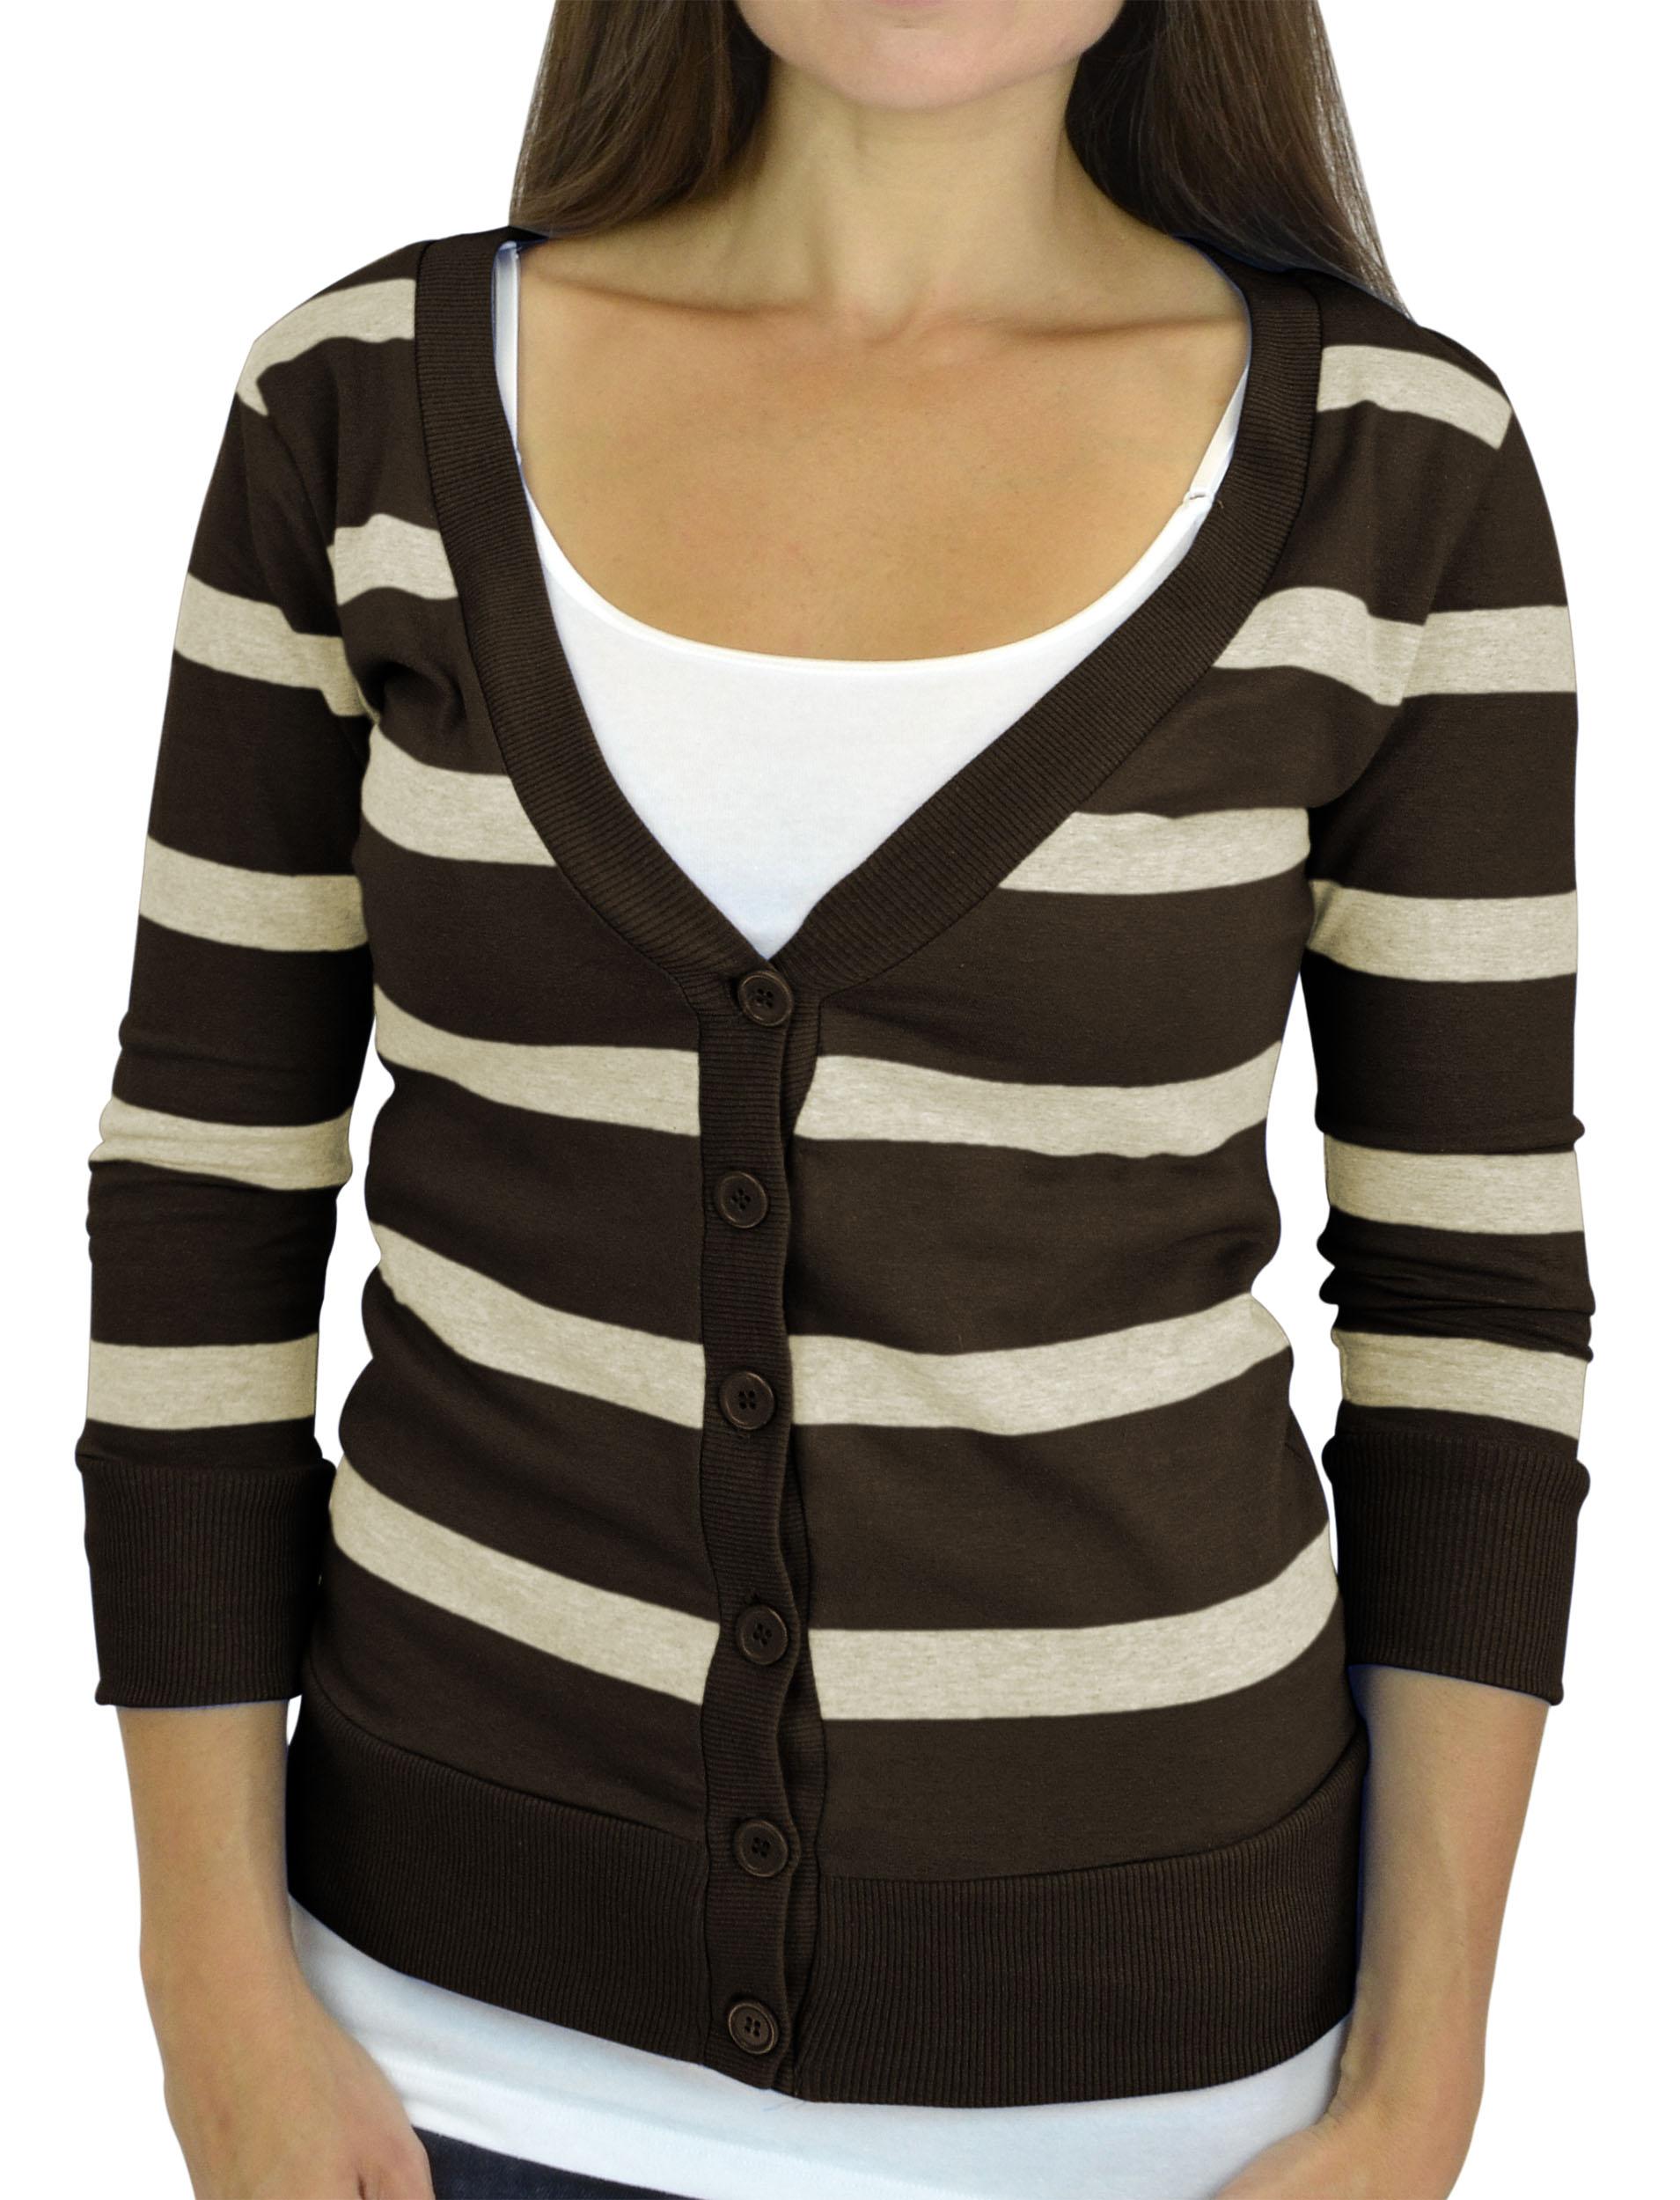 Belle Donne - Women / Girl Junior Size Soft 3/4 Sleeve V-Neck 6 Button Cardigans - Brown/Large